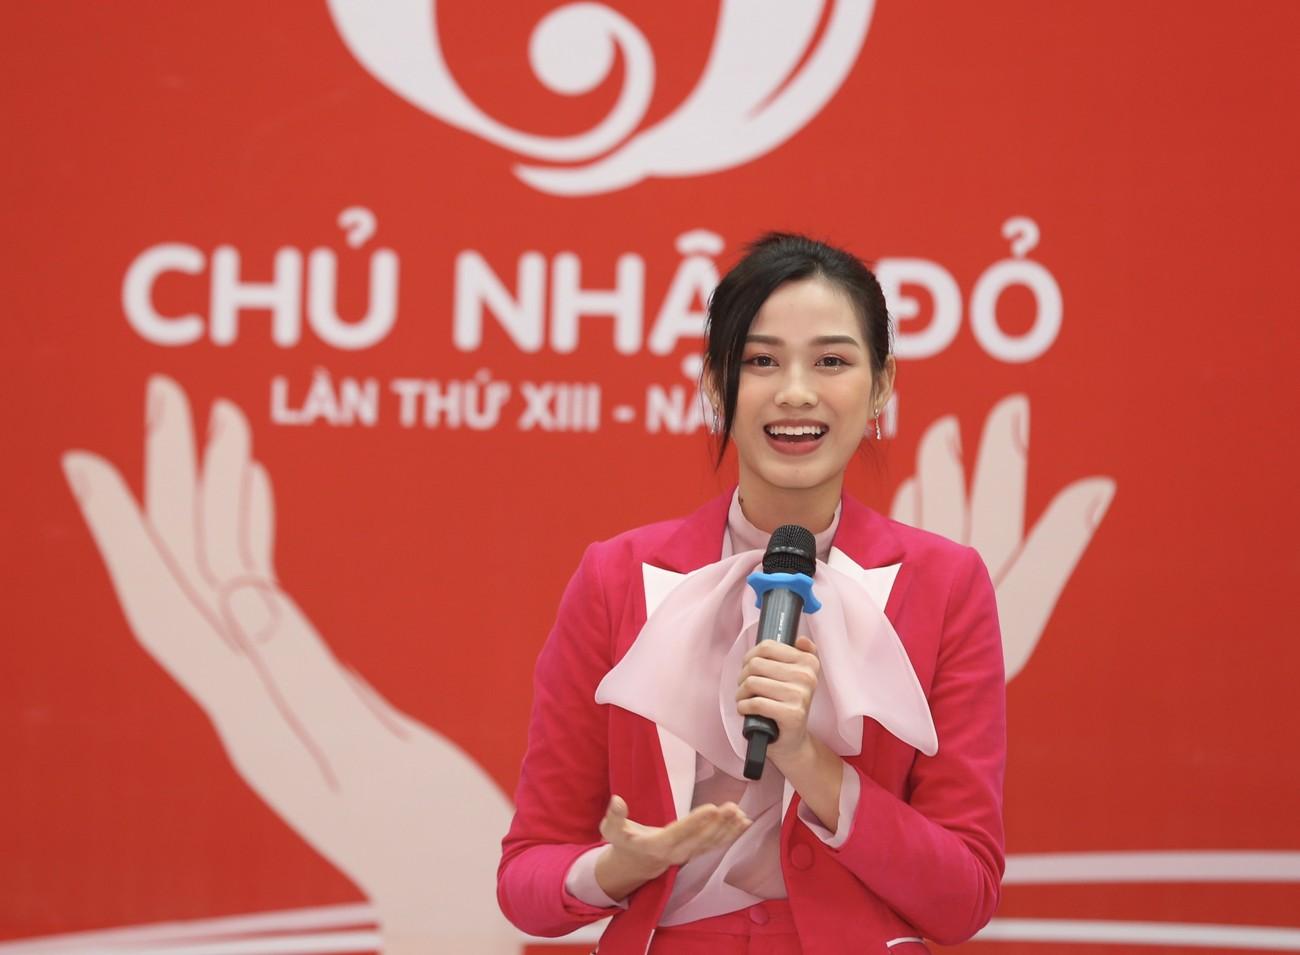 Những hình ảnh đẹp rạng rỡ của Hoa hậu Đỗ Thị Hà trong hành trình Chủ nhật Đỏ 2021 ảnh 12